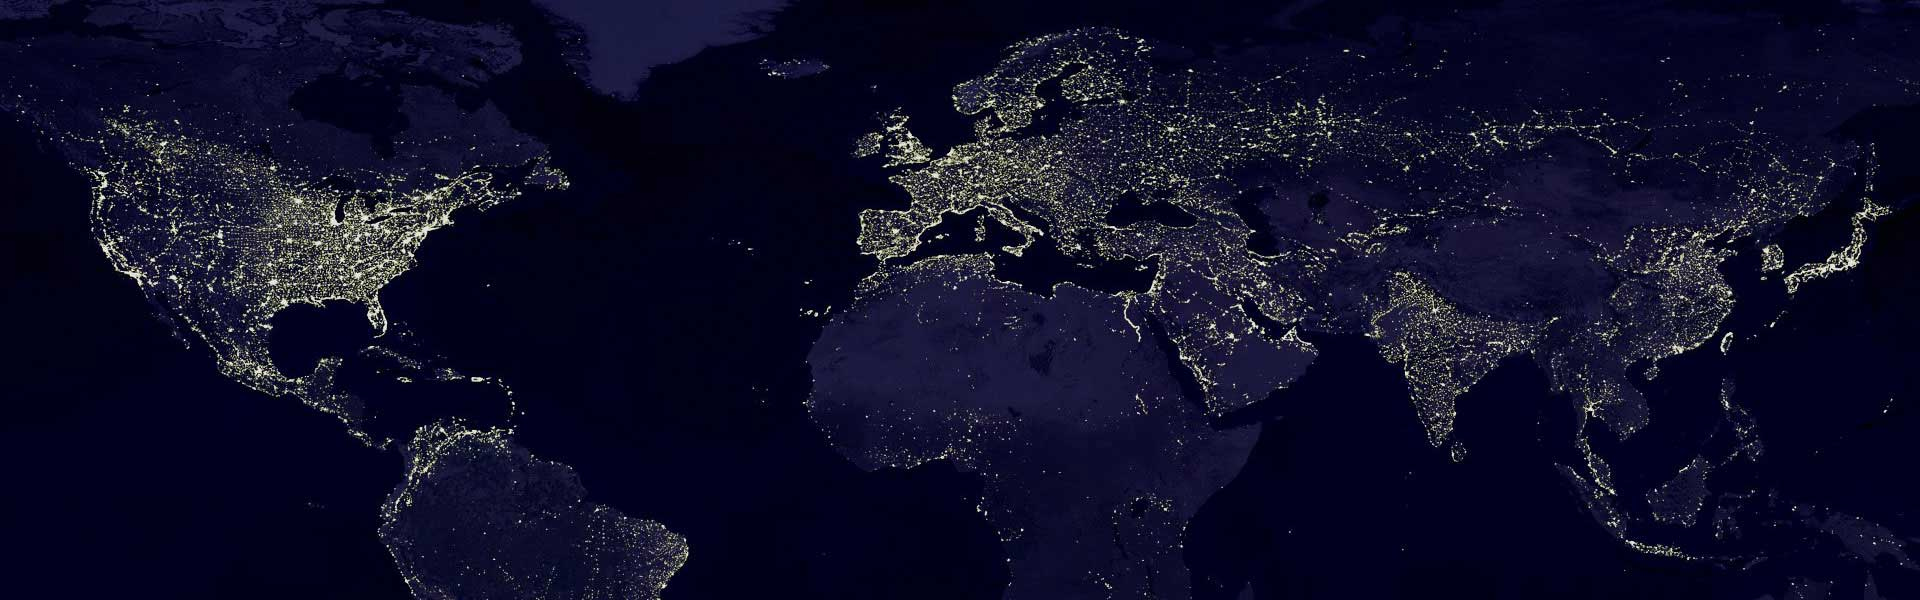 mappa satellite illuminazione